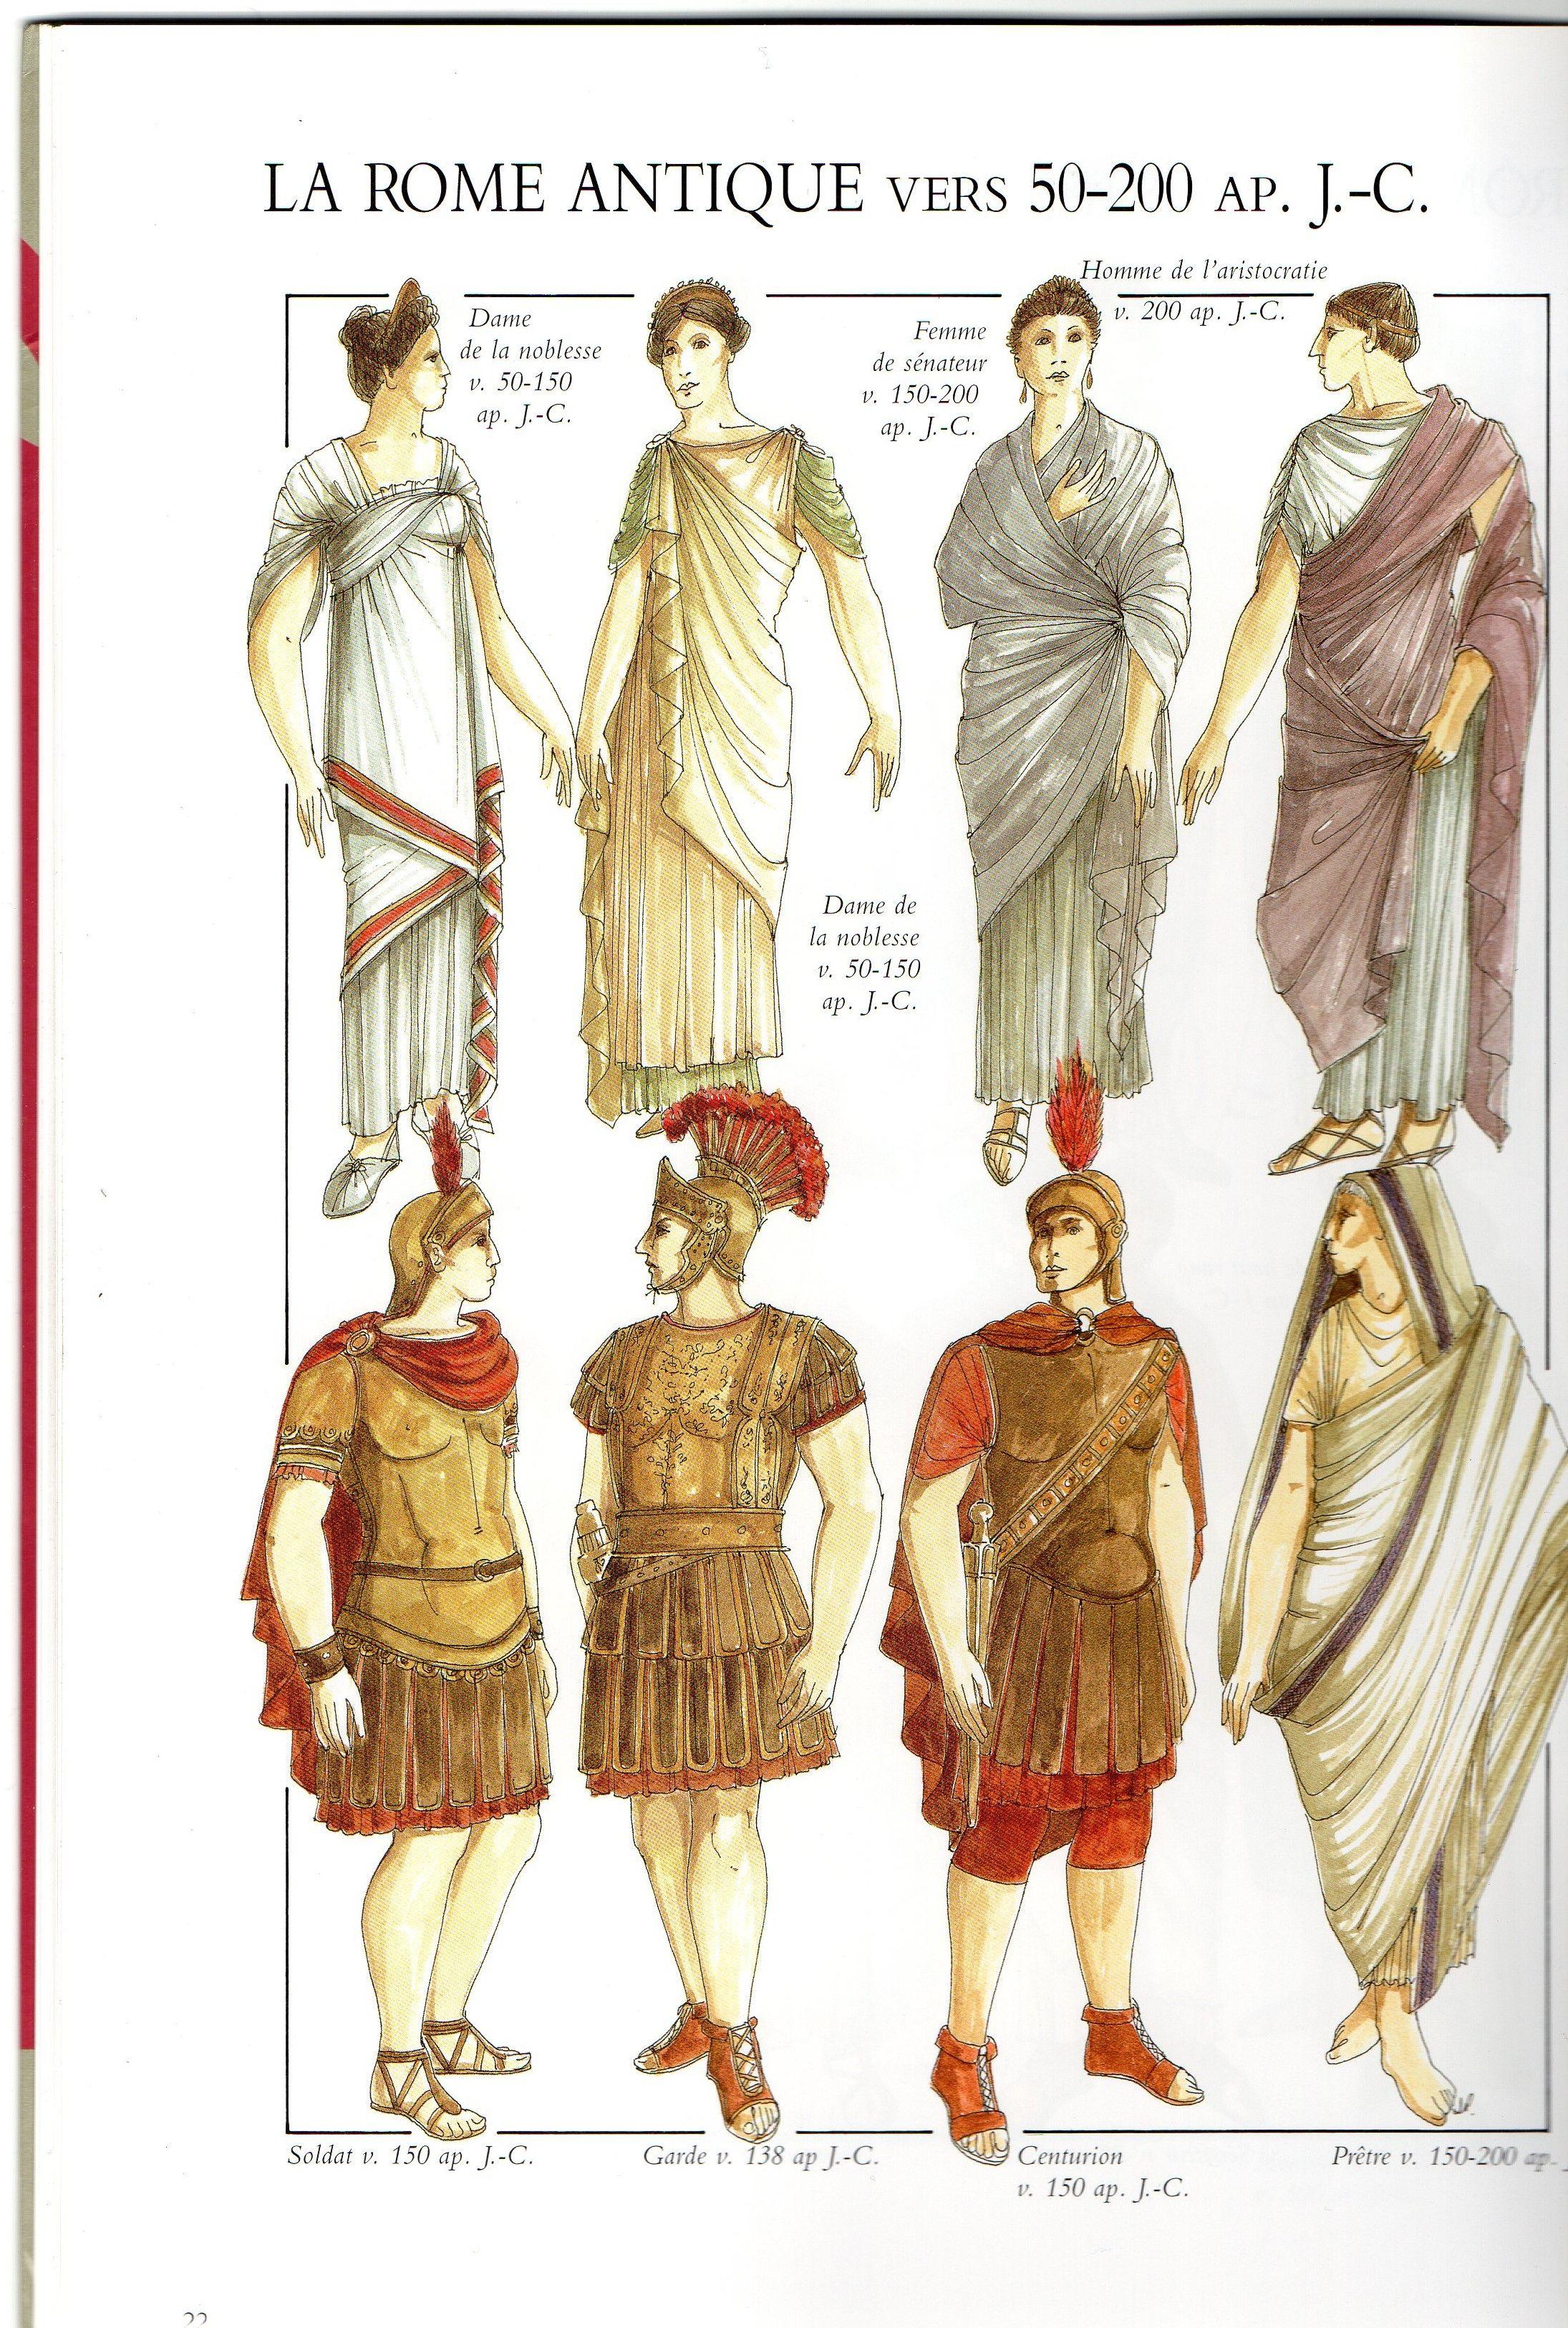 39++ Coiffure des hommes romains idees en 2021